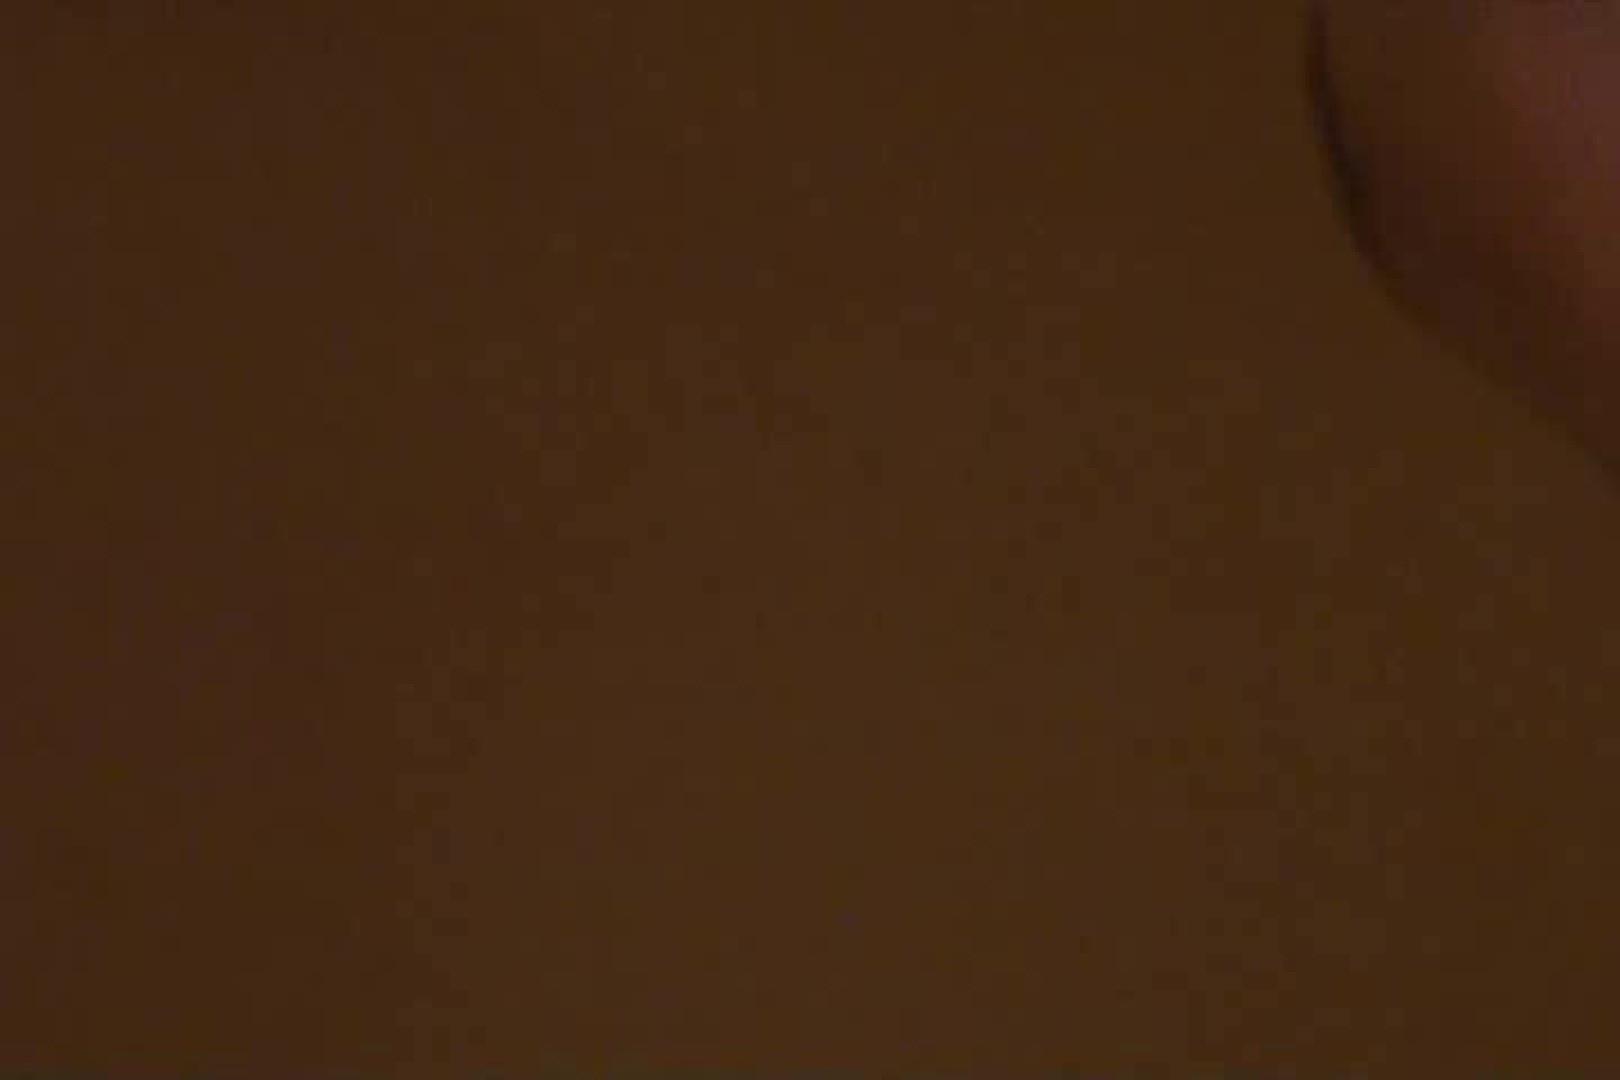 起きません! vol.06 OLハメ撮り  100Pix 93